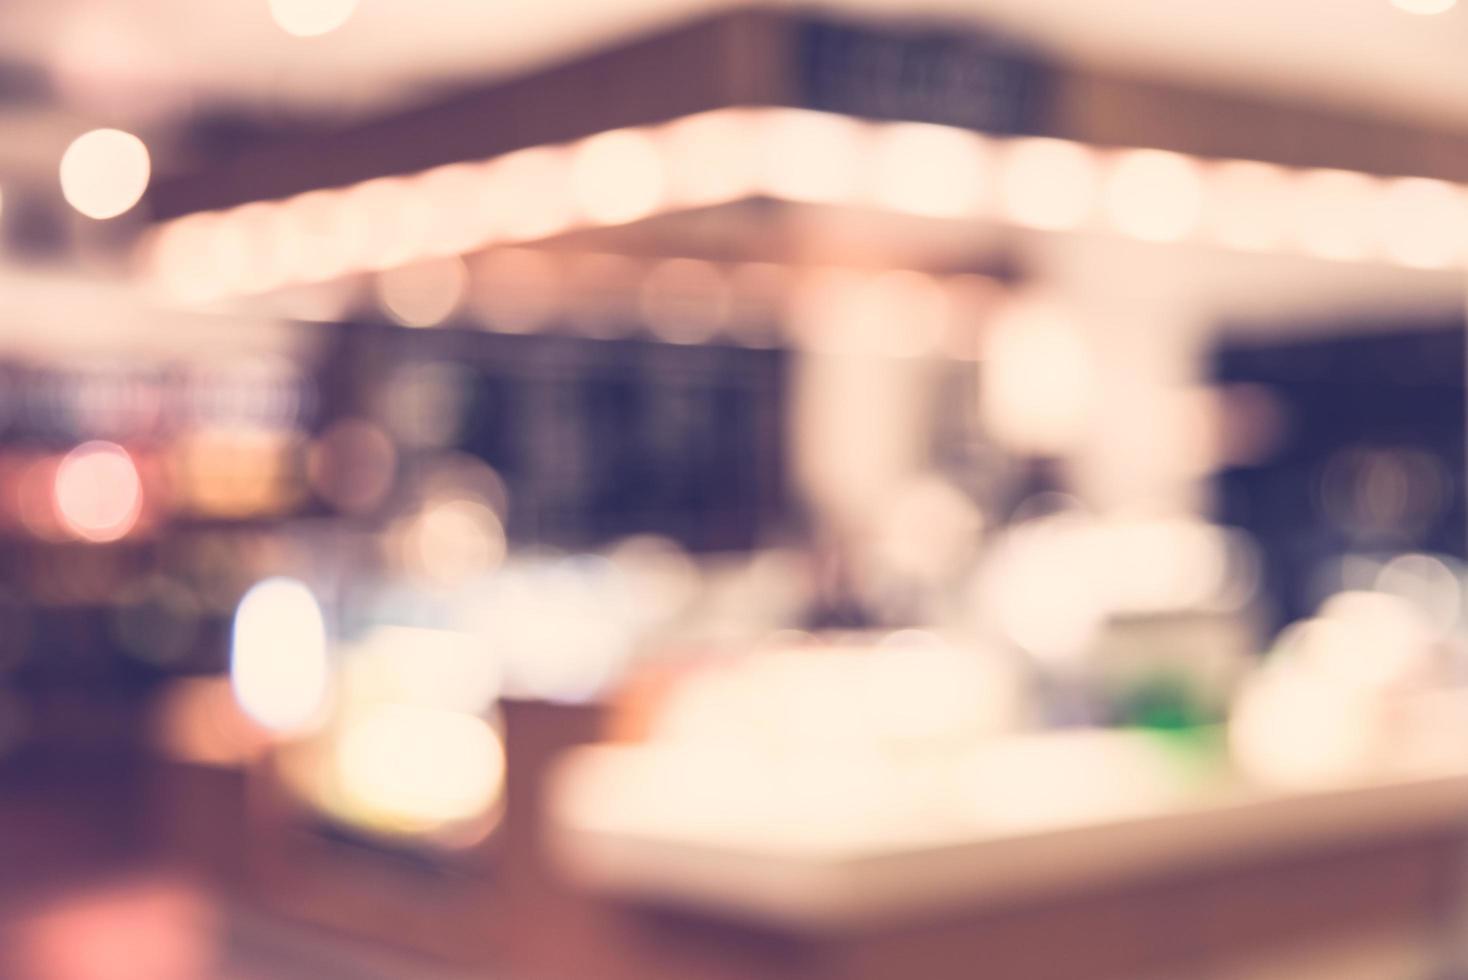 Fond de café flou abstrait - filtre vintage photo